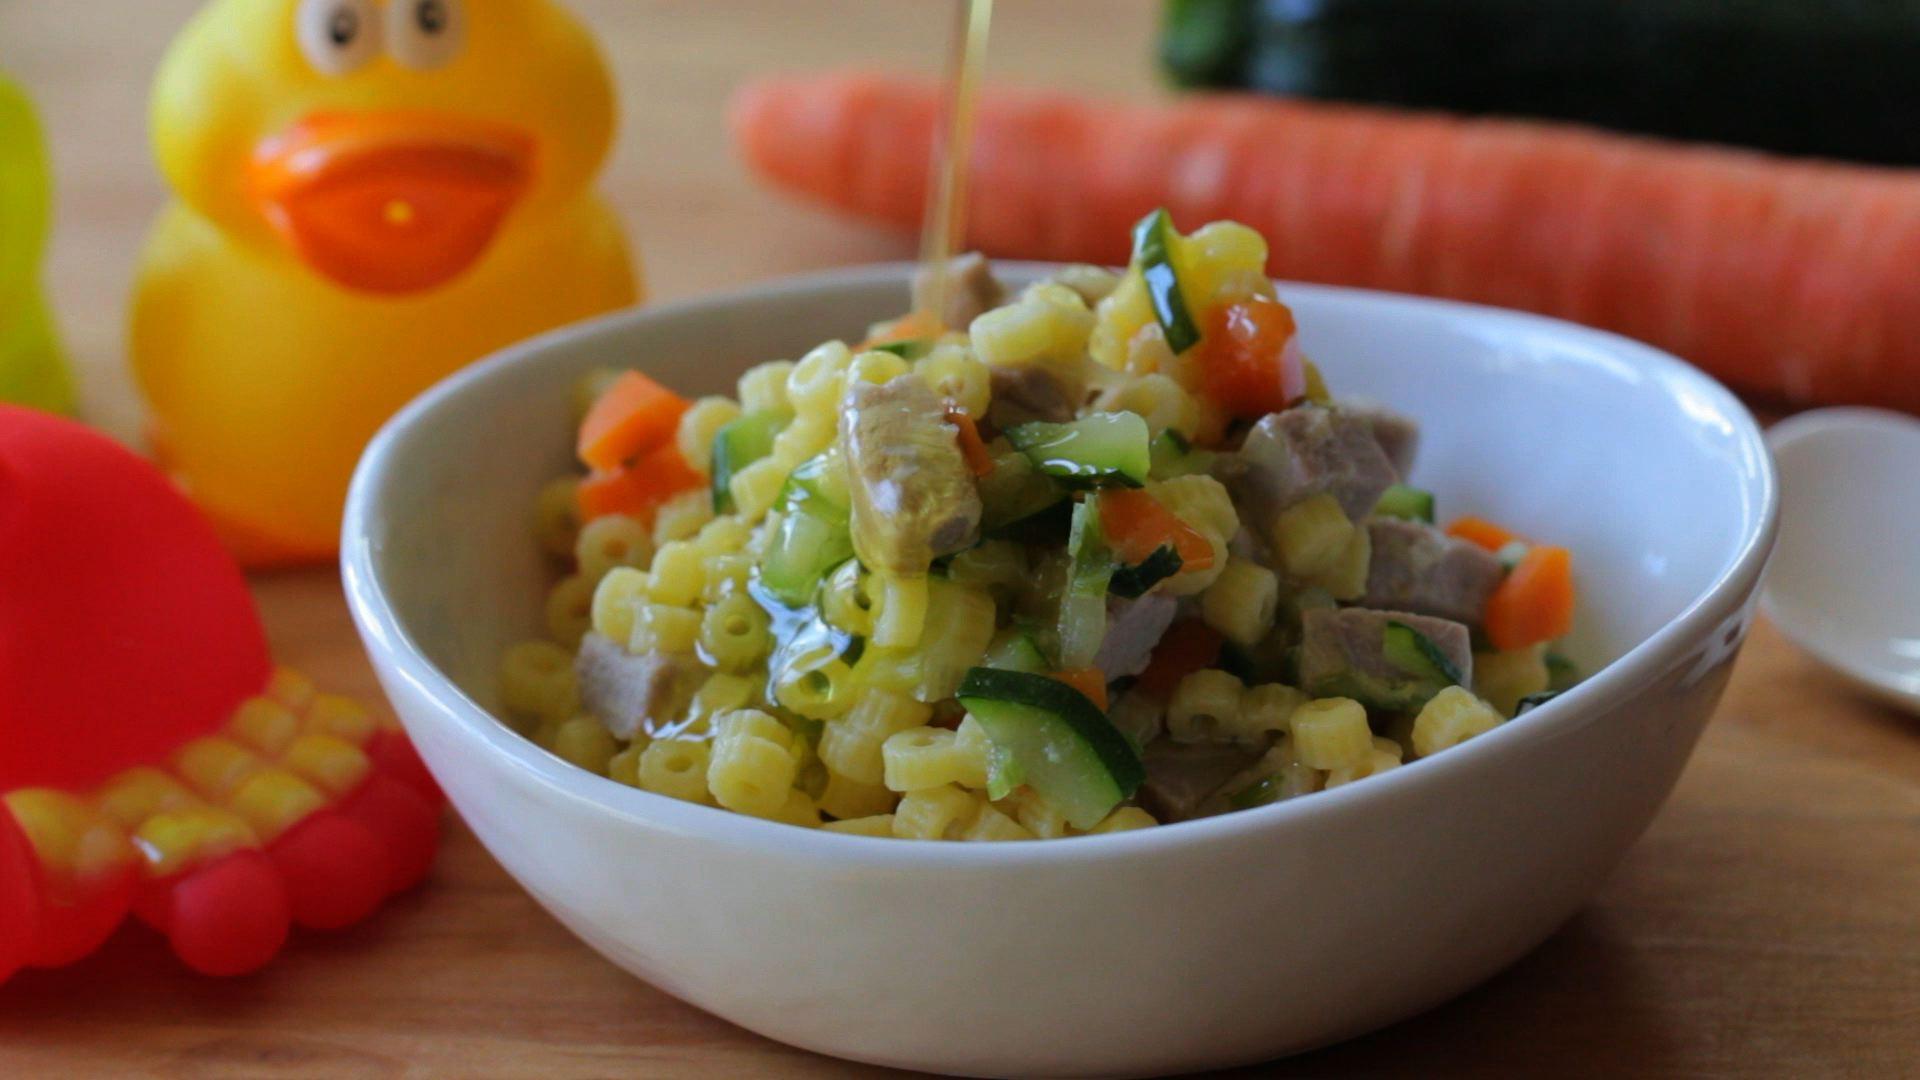 Baby Pastina Recipes  Pastina Recipes For Baby – Besto Blog